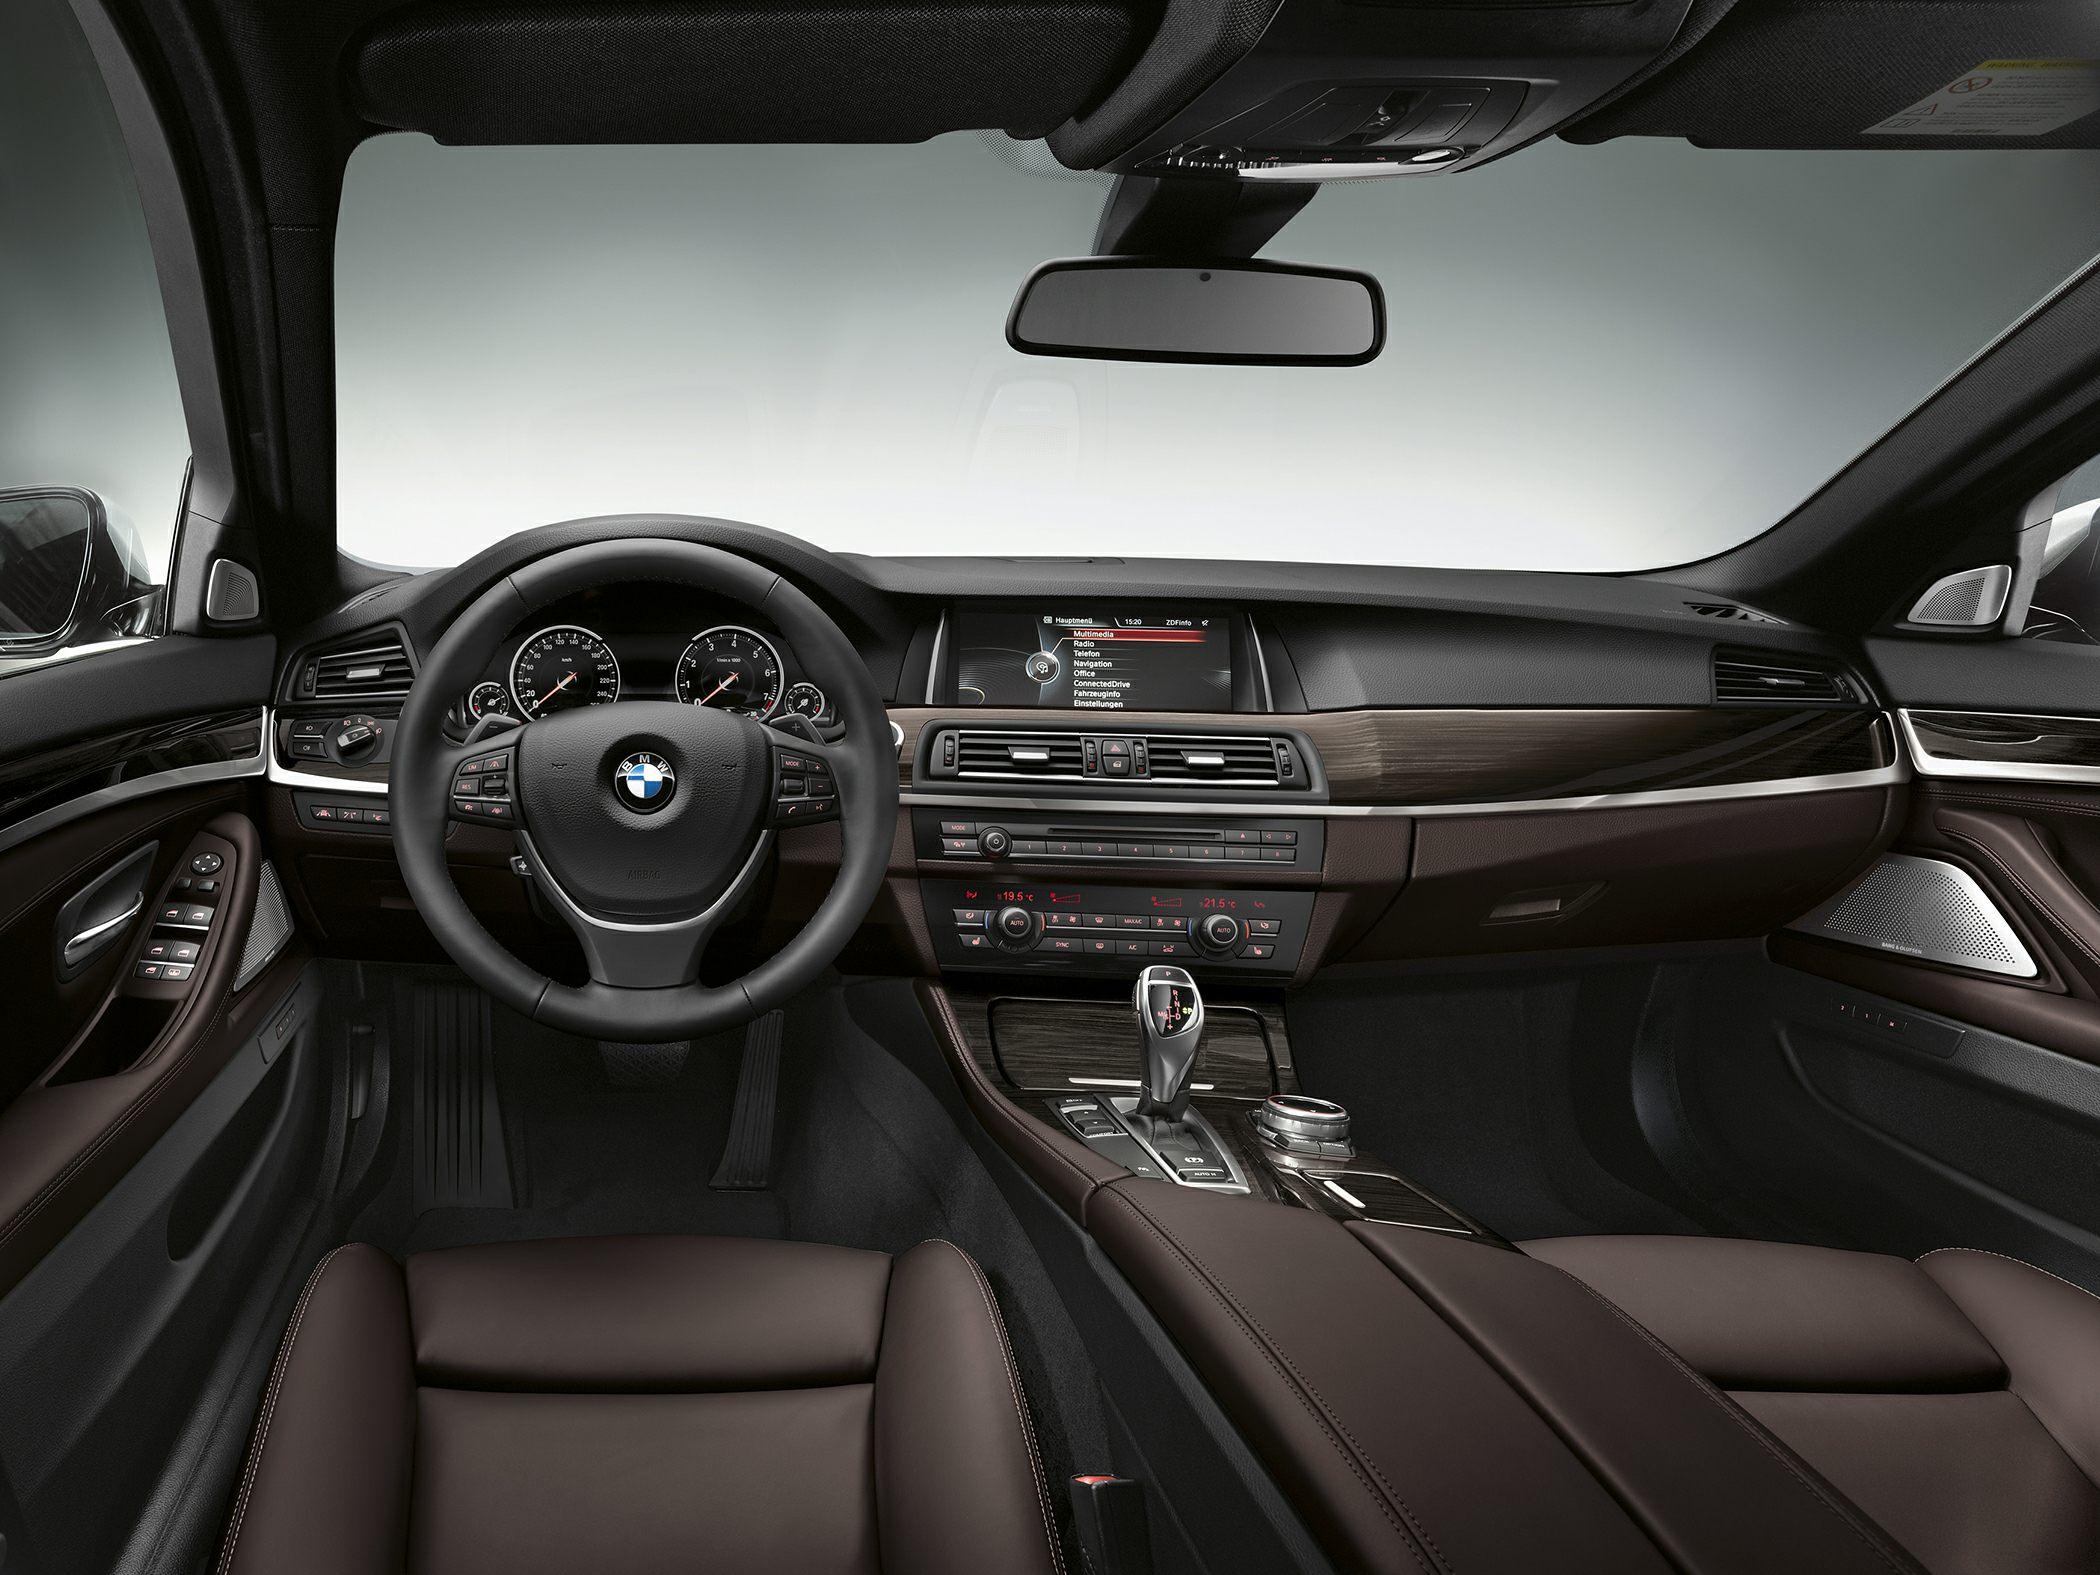 2014 BMW 535i Interior